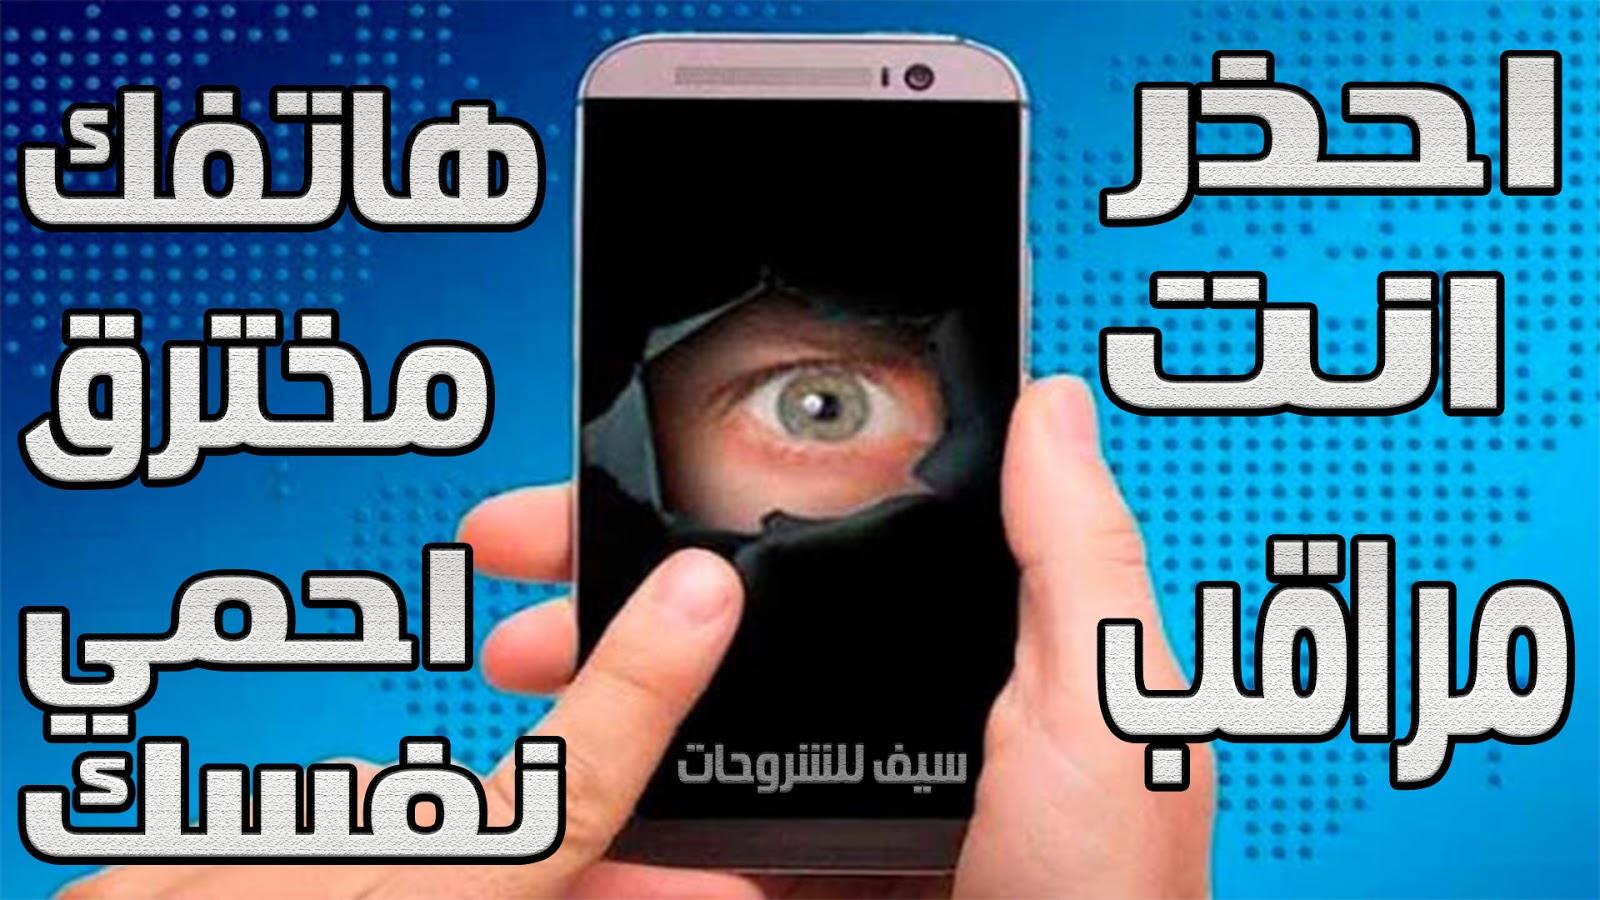 احذر من تطبيقات الاختراق والتجسس مع هذا التطبيق ستكتشف جميع التطبيقات التي تتجسس عليك في هاتفك ومن يقف وراءها ومنعها